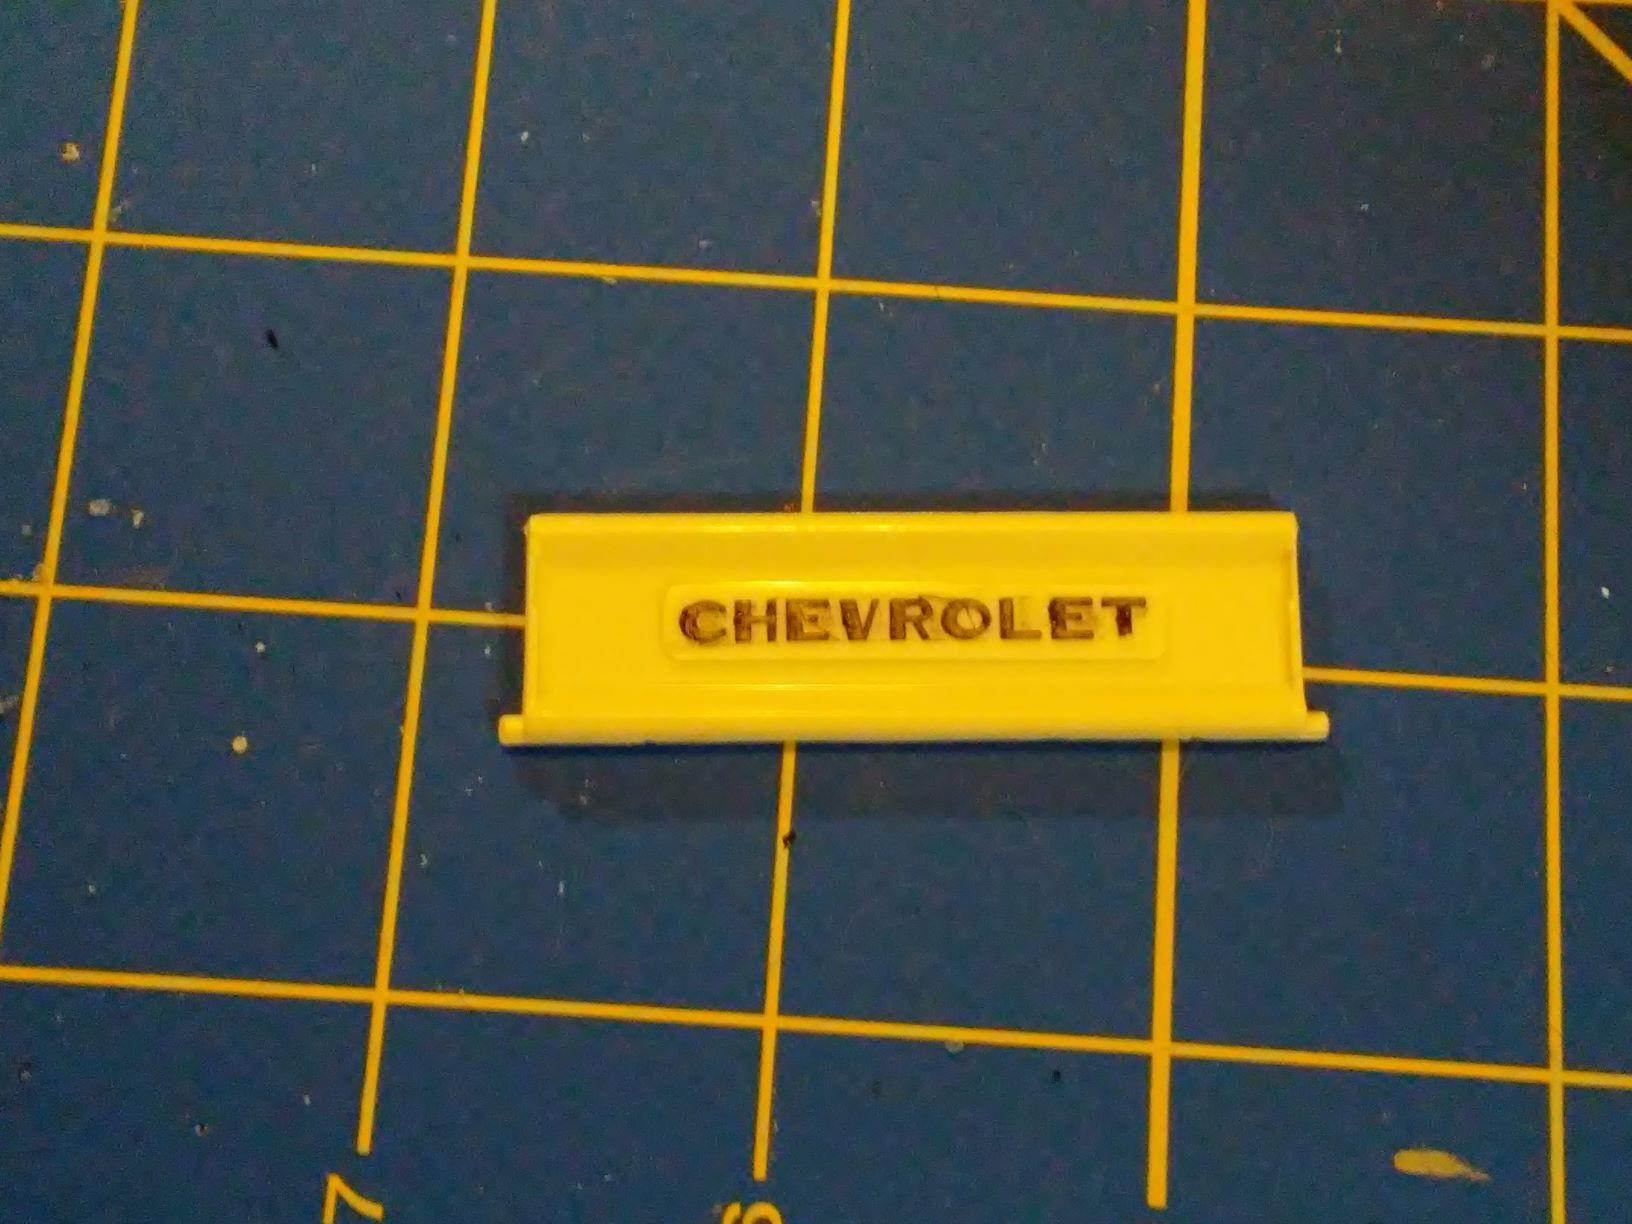 6-50 Chevy Tailgate 20200517s.jpg